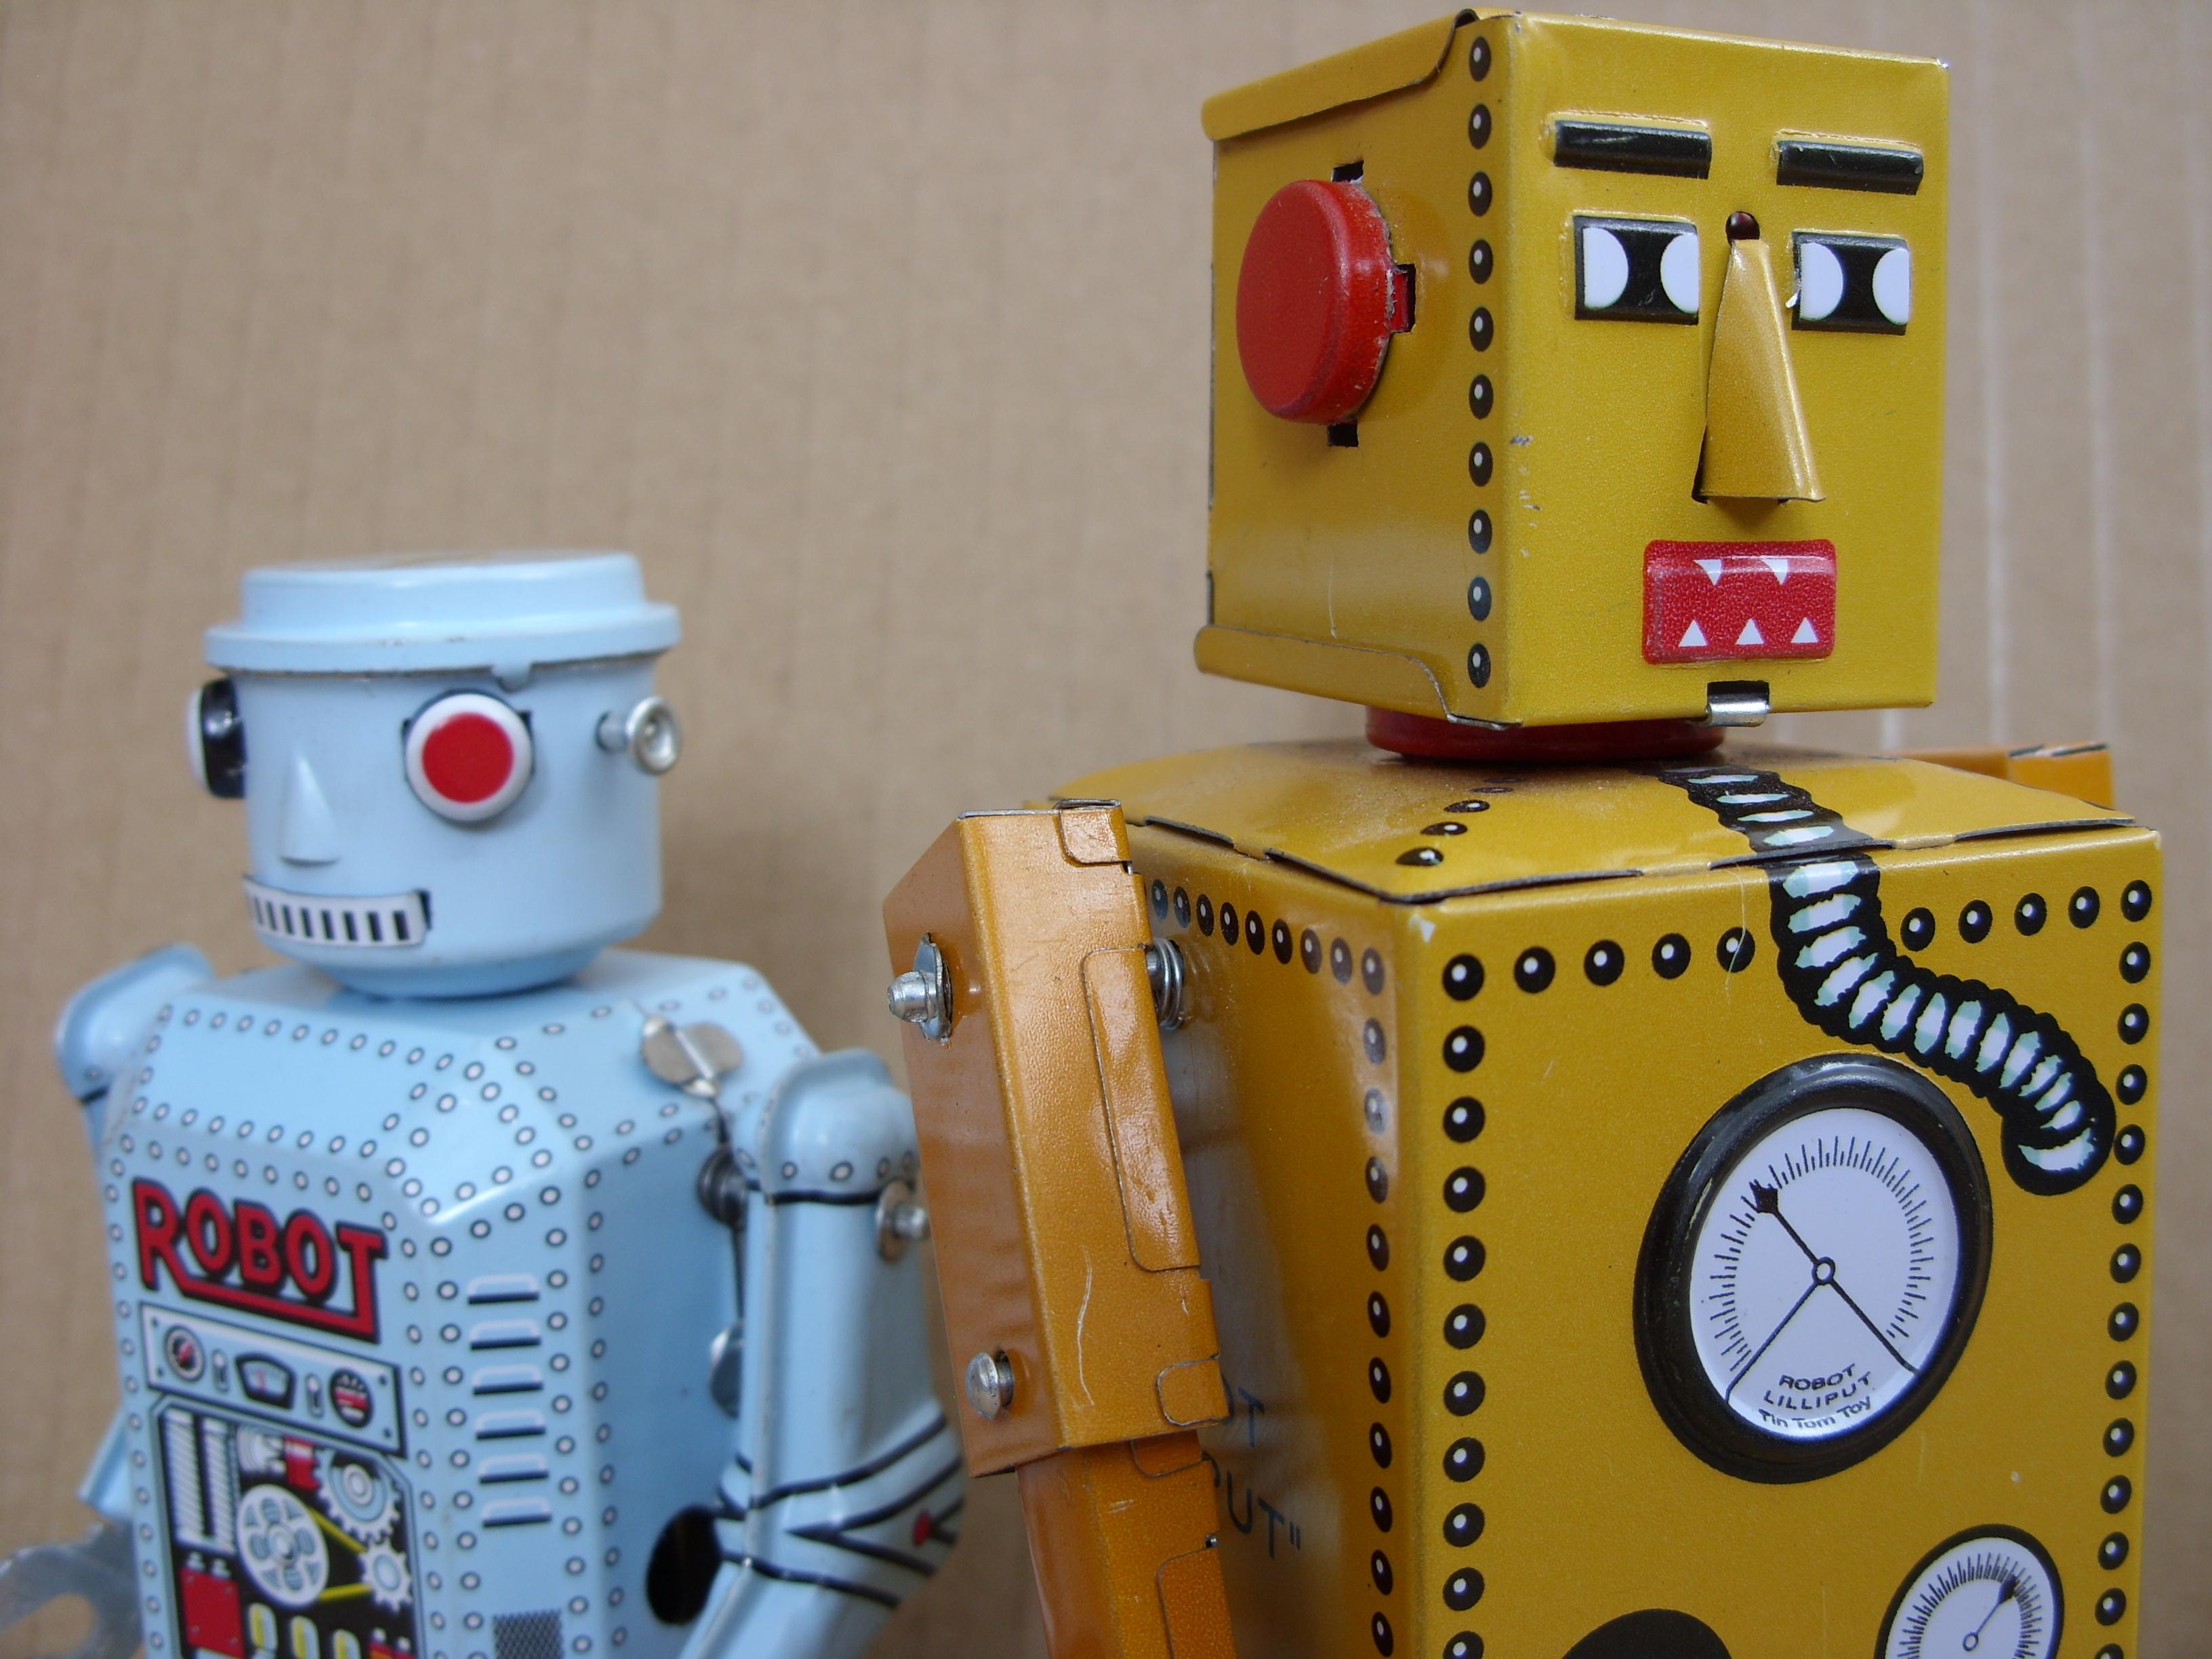 Первый робот своими руками